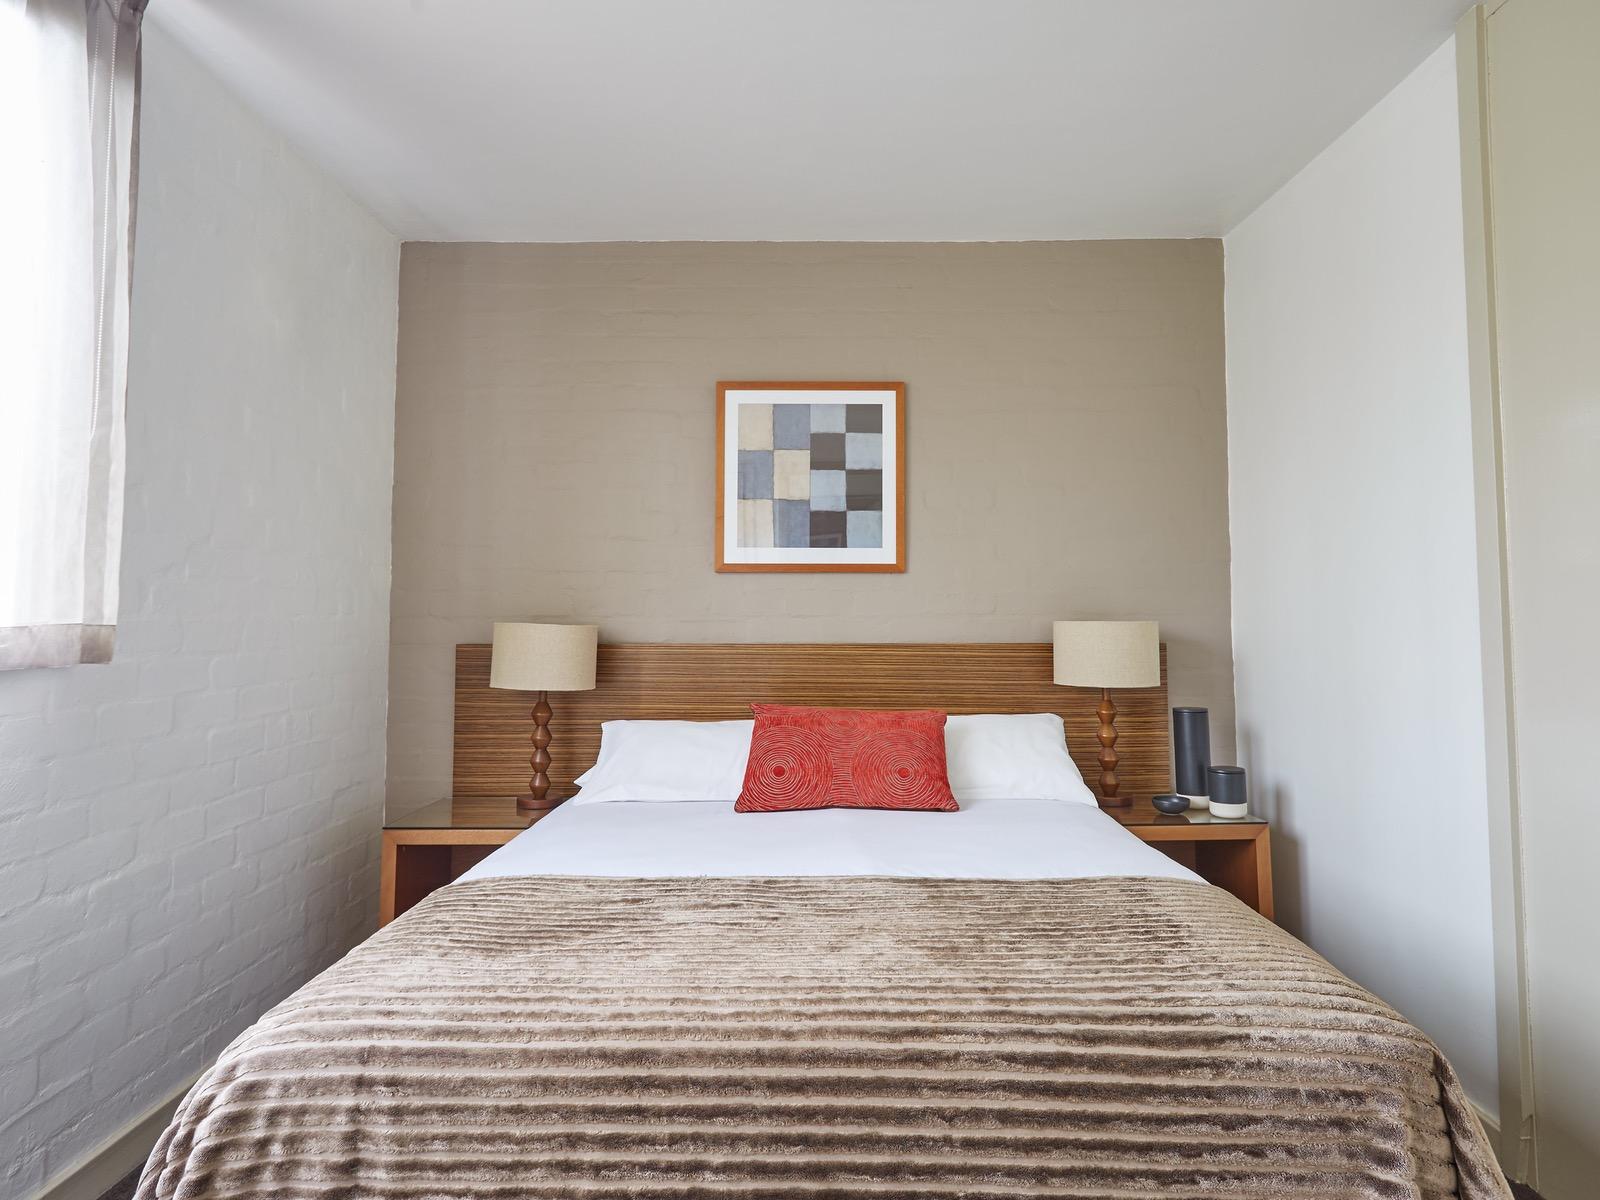 One bedroom apartment - Bedroom